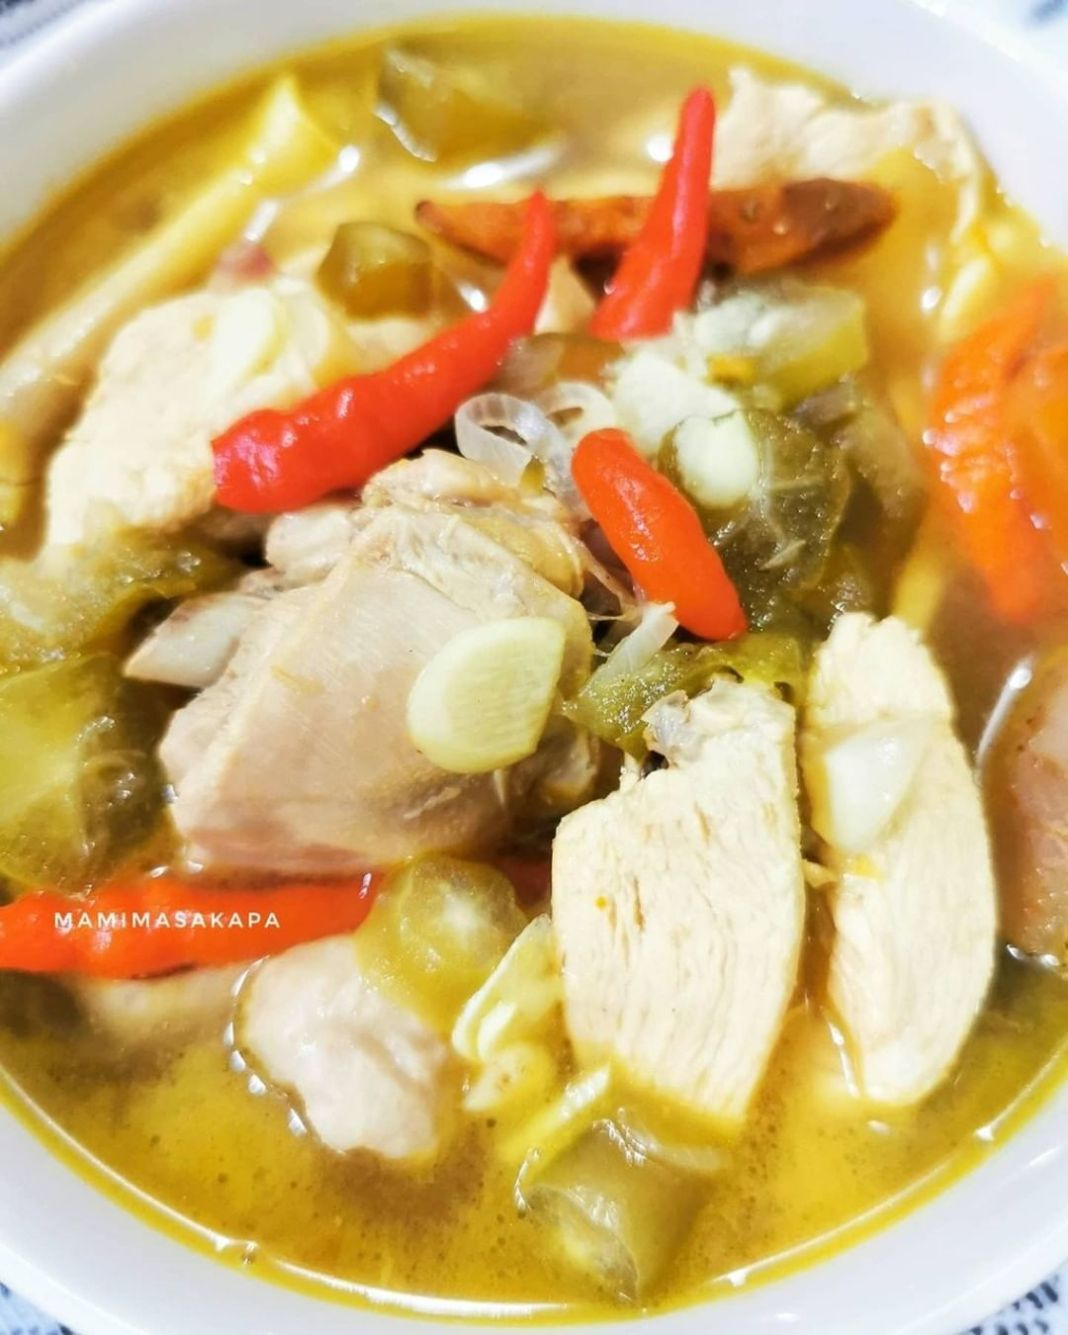 Info kuliner, Ini sih dari fotonya udah keliatan seger pedes nih, cocok dimakan untuk buka puasa nanti!  ASEM …